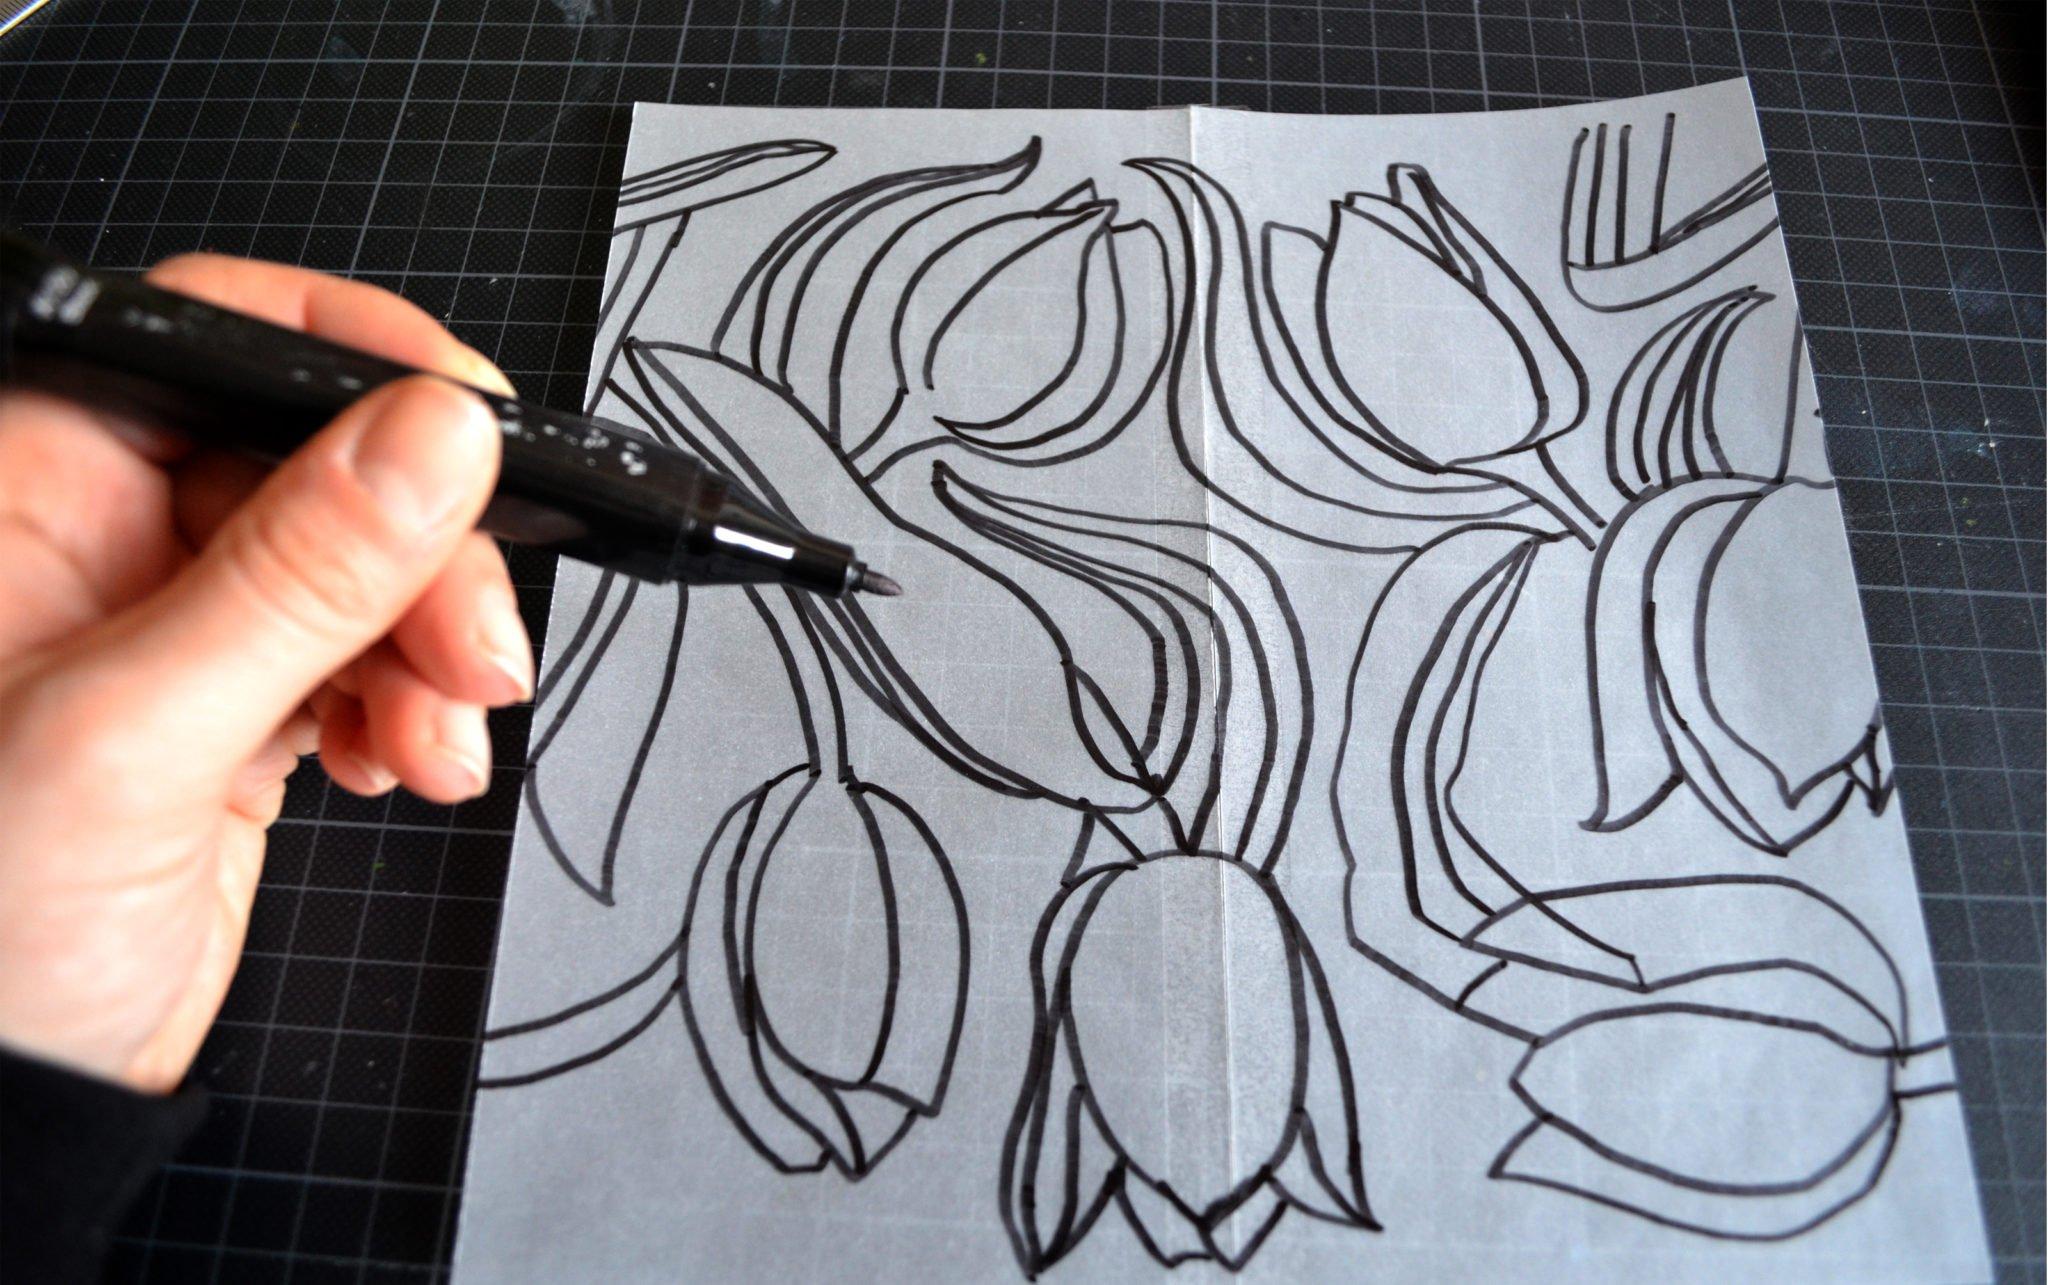 Rapport von Hand zeichnen Schritt 2 b zeichnen